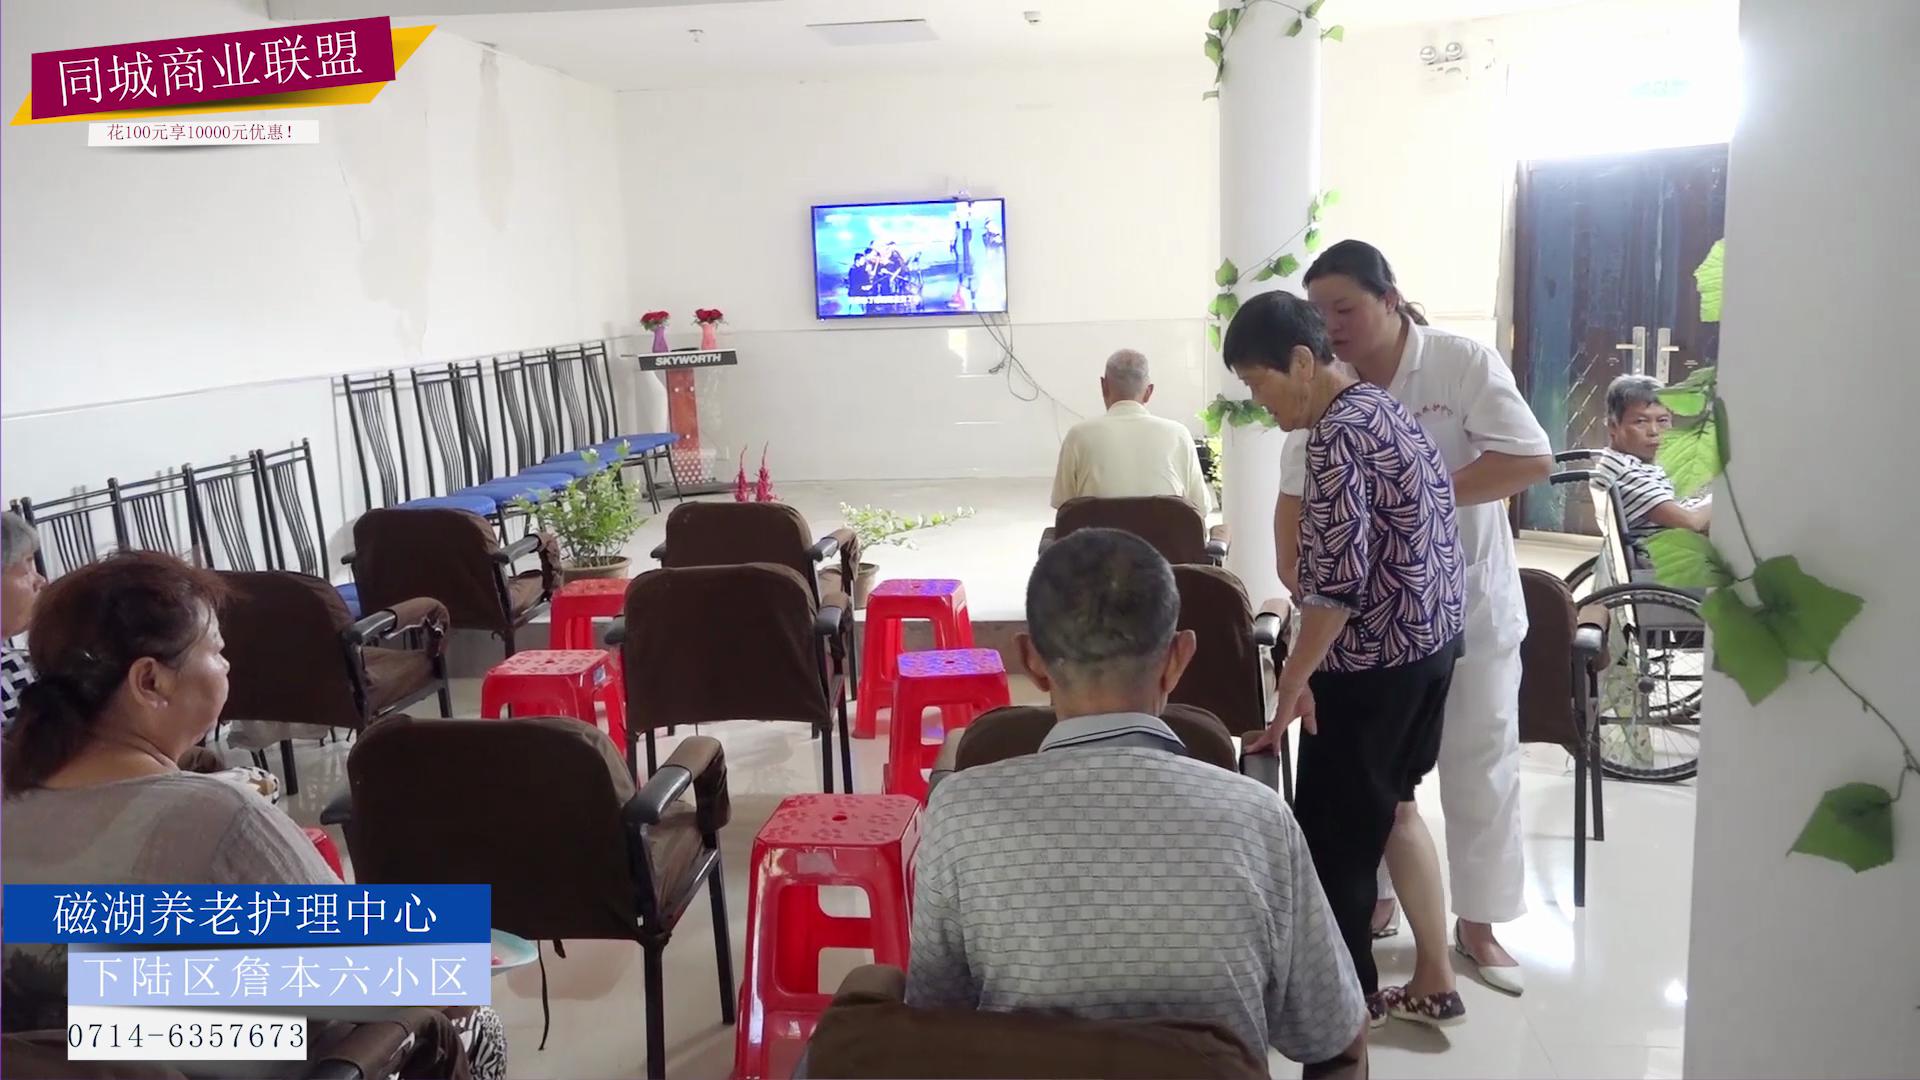 黄石同城百业联盟--磁湖养老护理中心